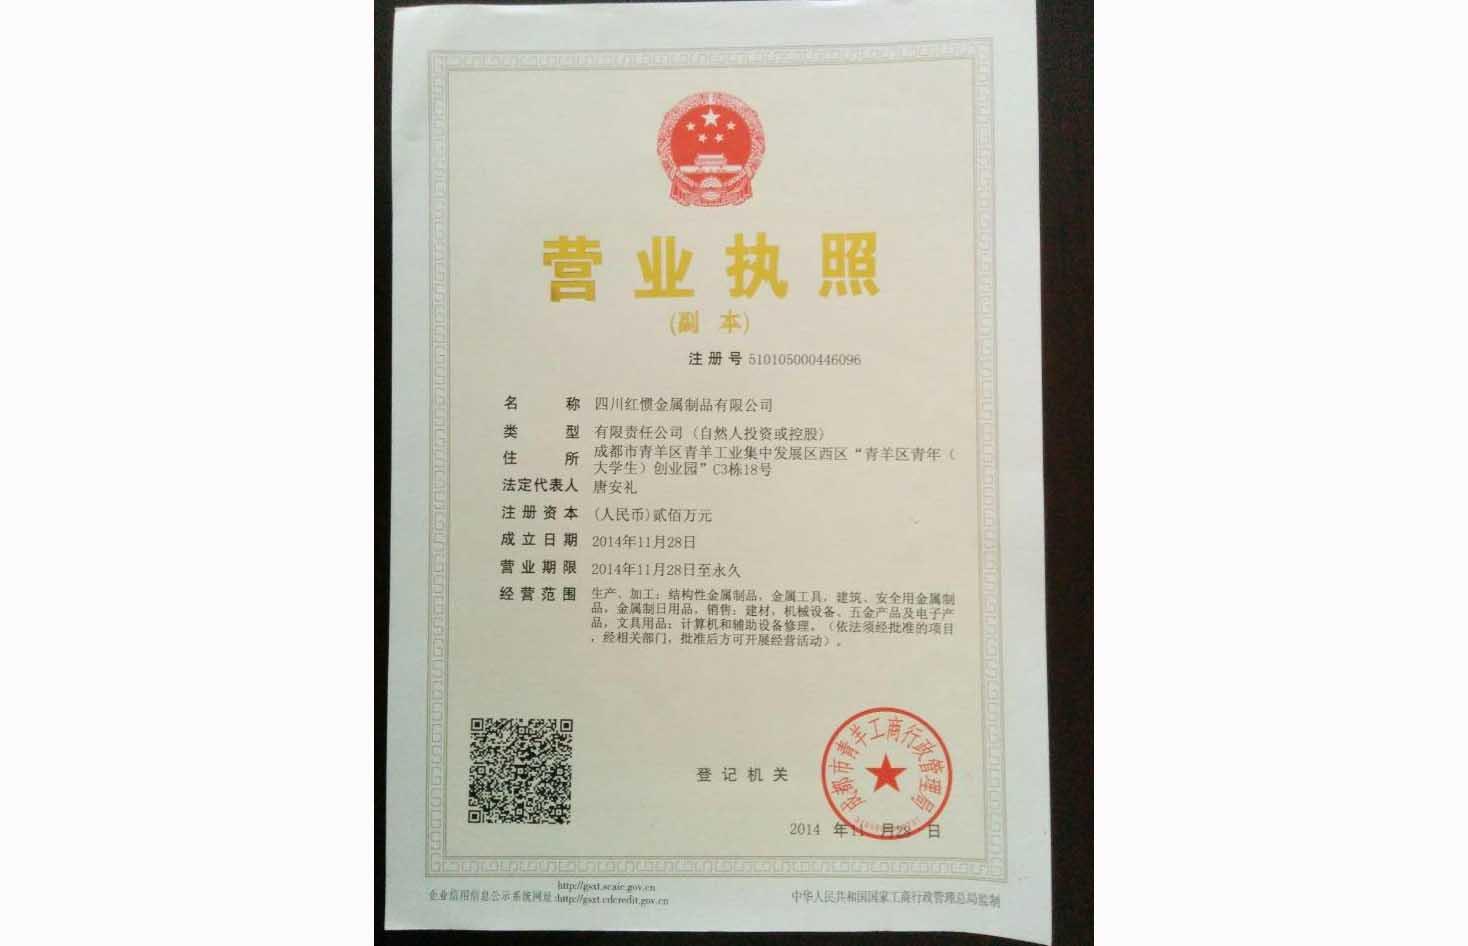 四川红惯金属制品有限公司营业执照